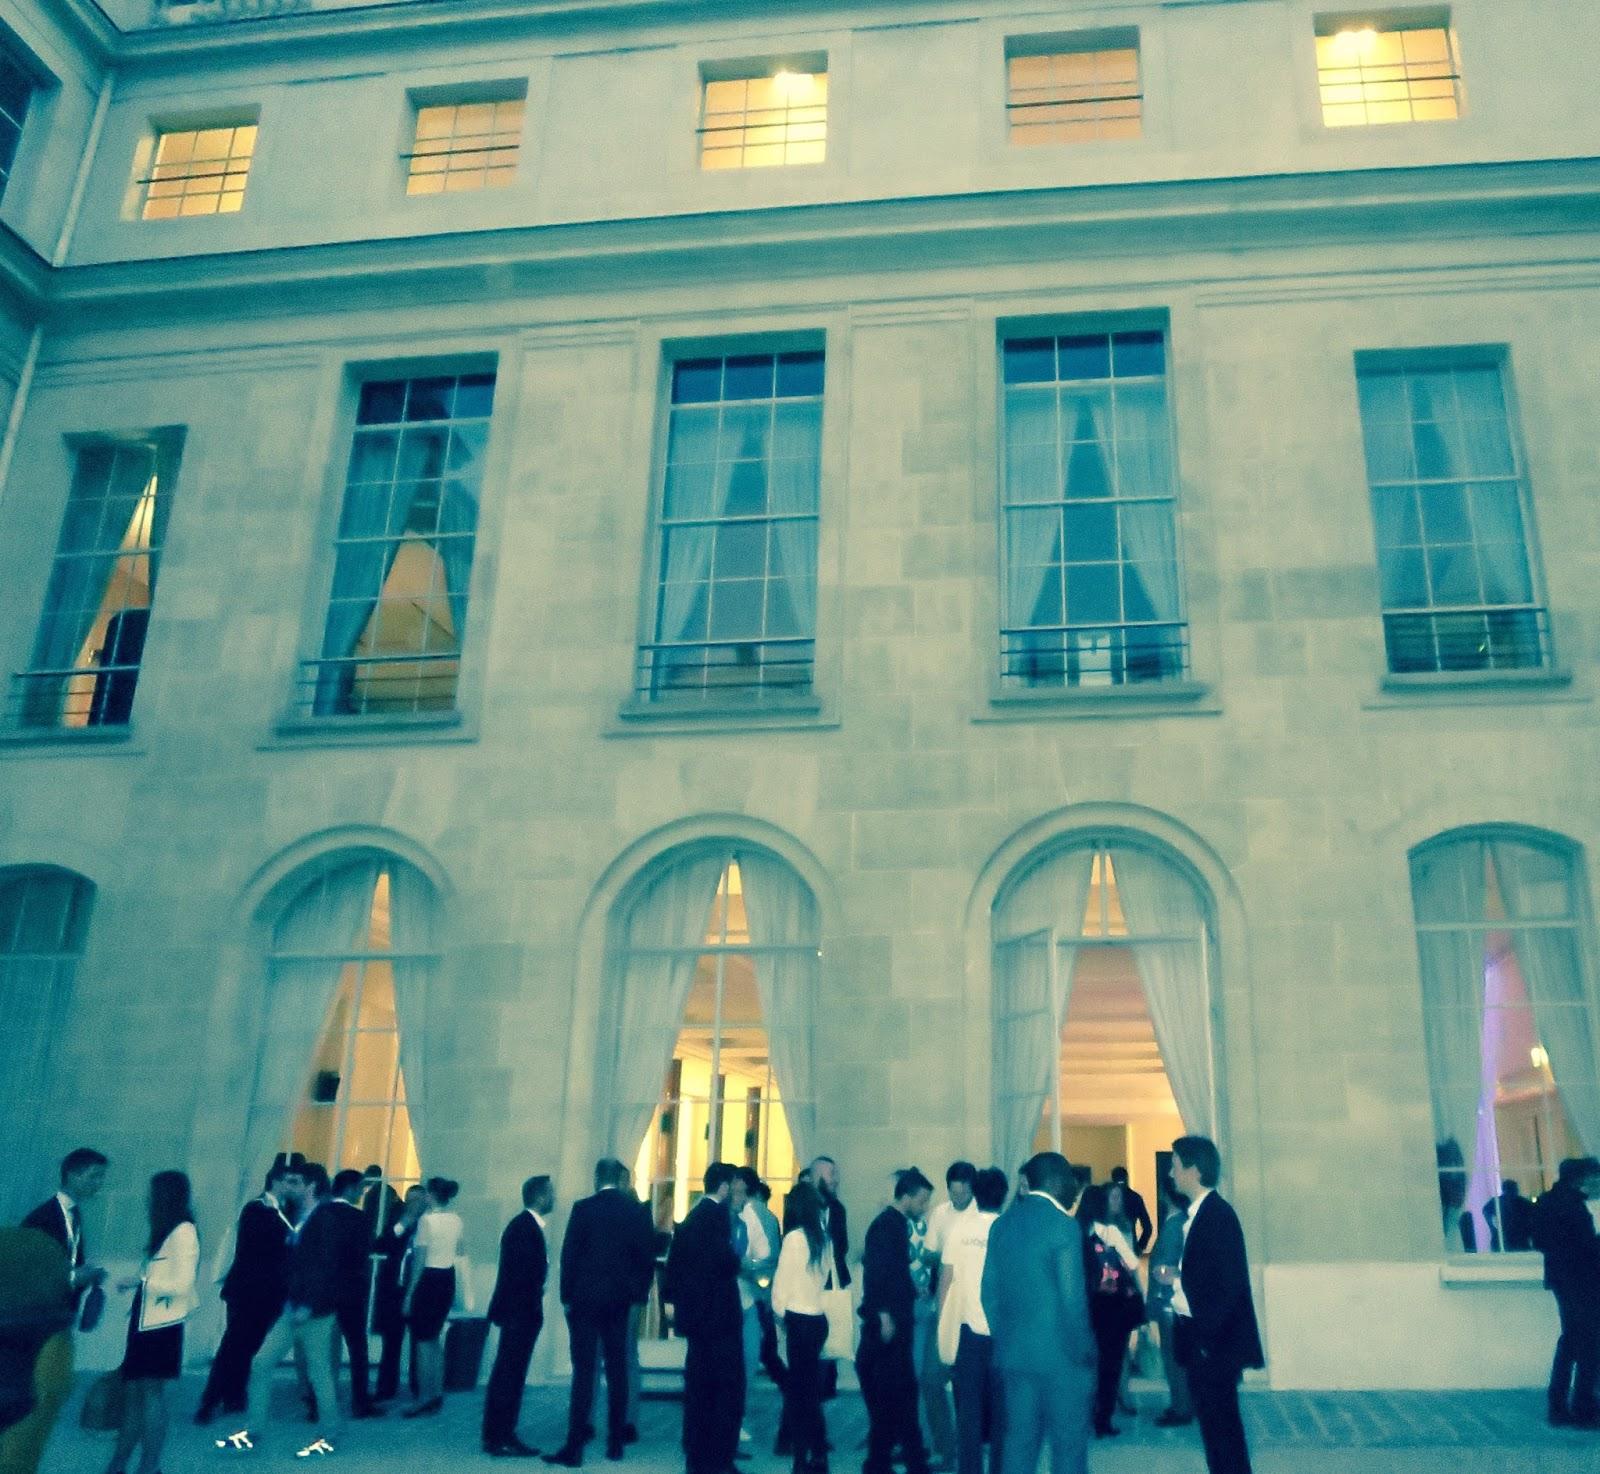 maison de luxe paris shangrila hotel paris with maison de luxe paris cool maison de luxe alsia. Black Bedroom Furniture Sets. Home Design Ideas